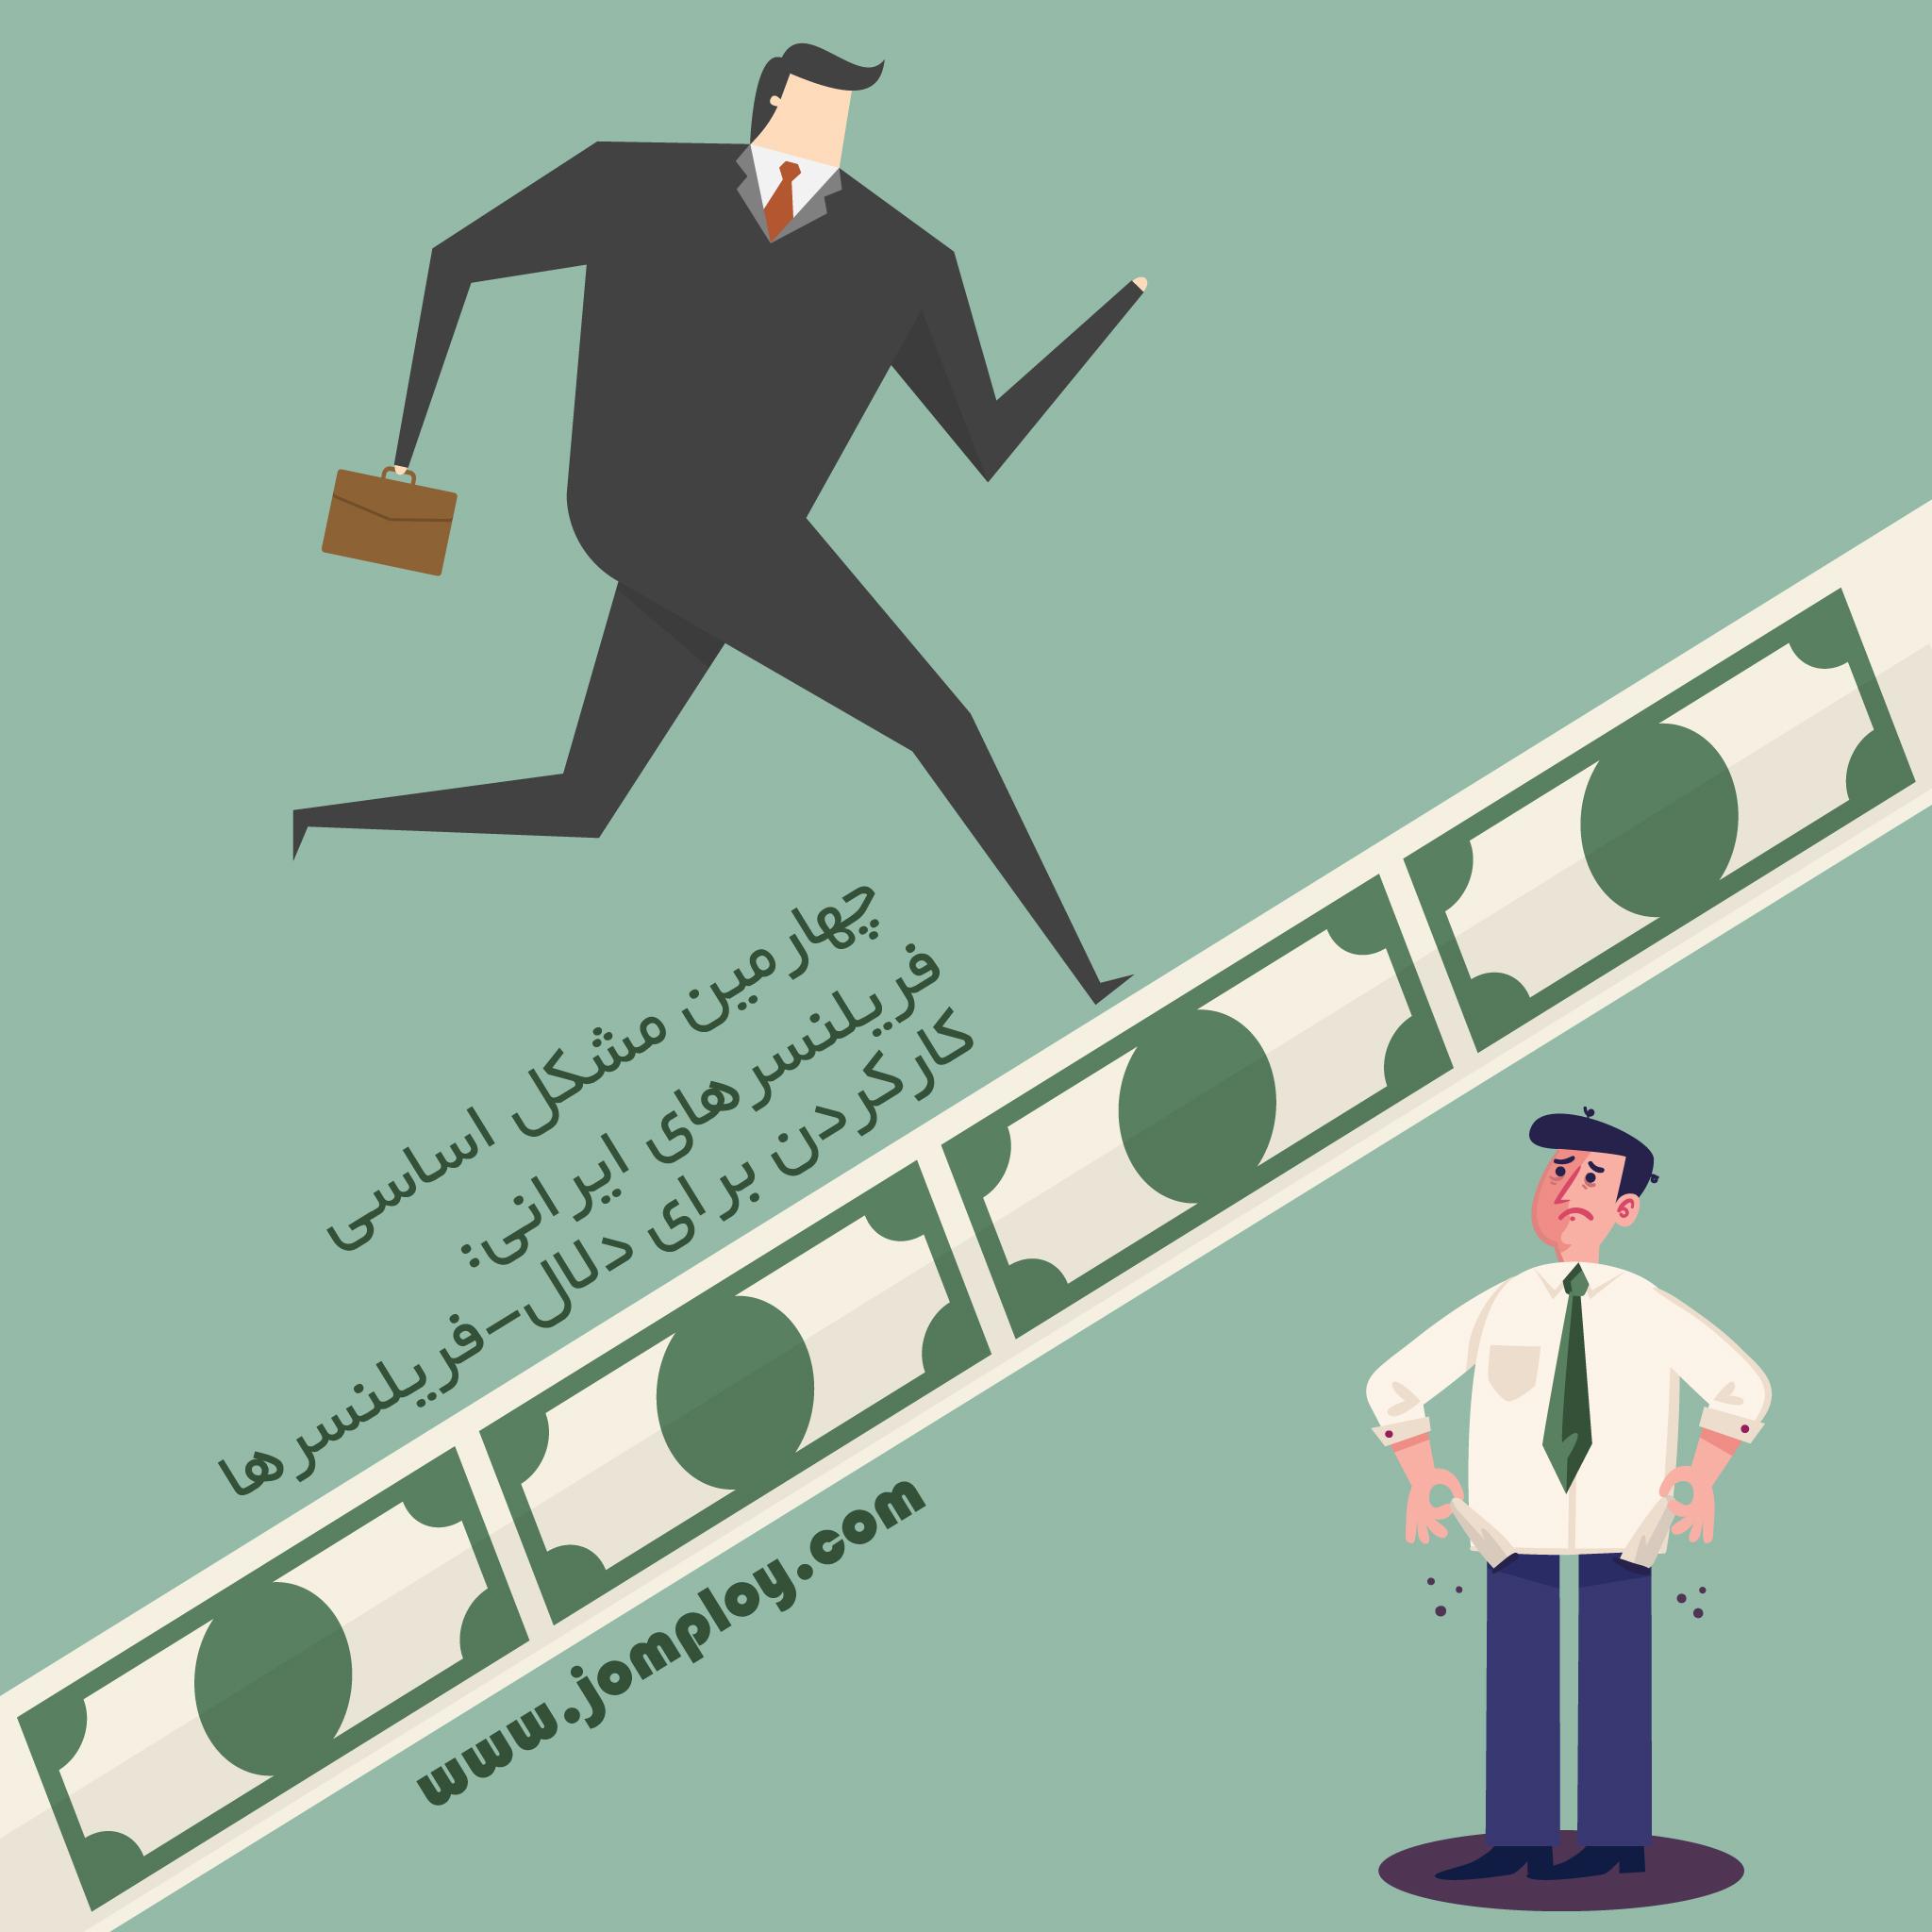 کارکردن برای دلال-فریلنسرها, چهارمین مشکل اساسی فریلنسرهای ایرانی